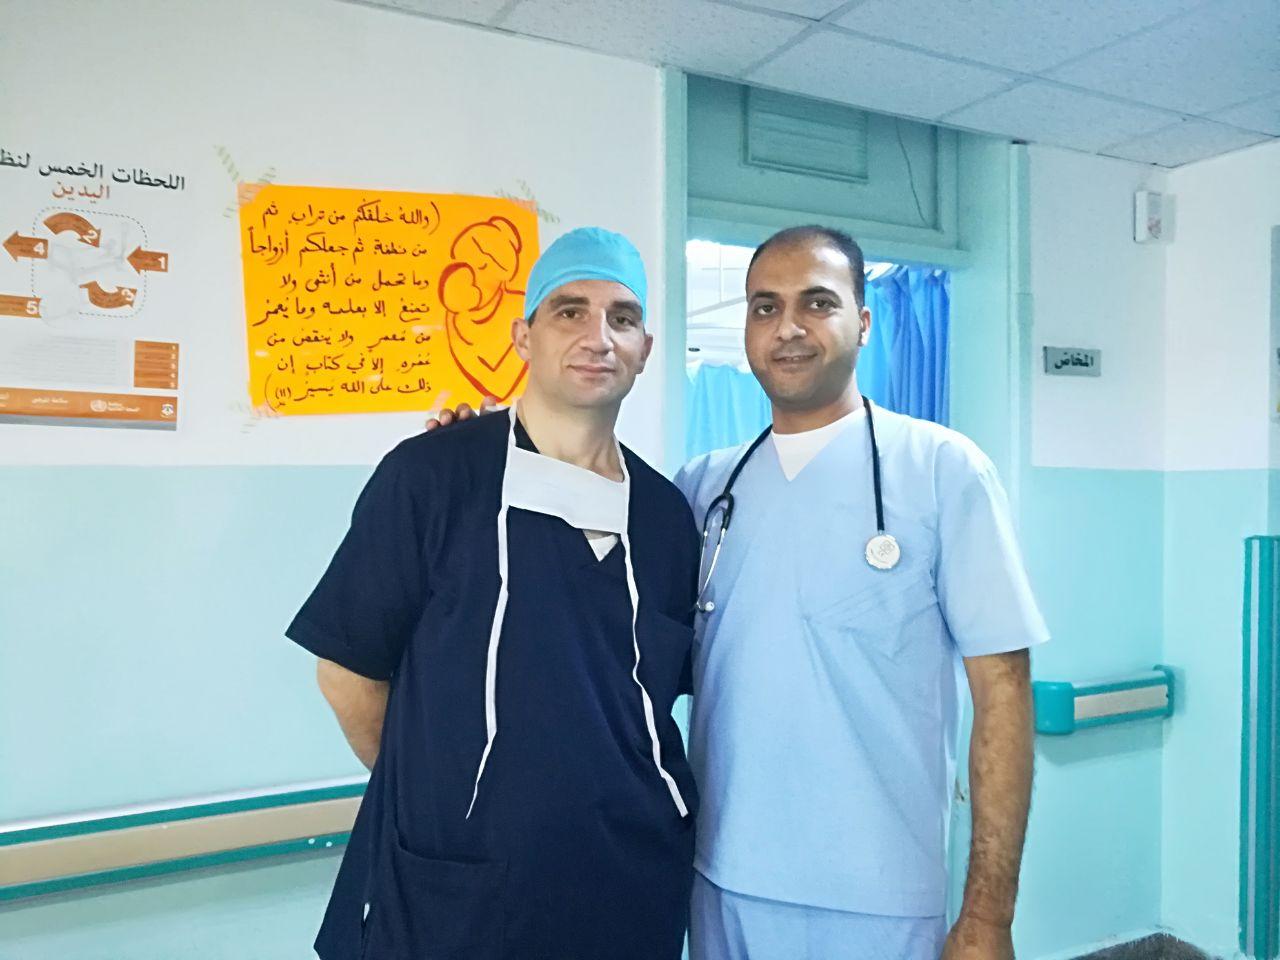 شكر وتقدير إلى الطاقم الطبي في مستشفى معاذ بن جبل